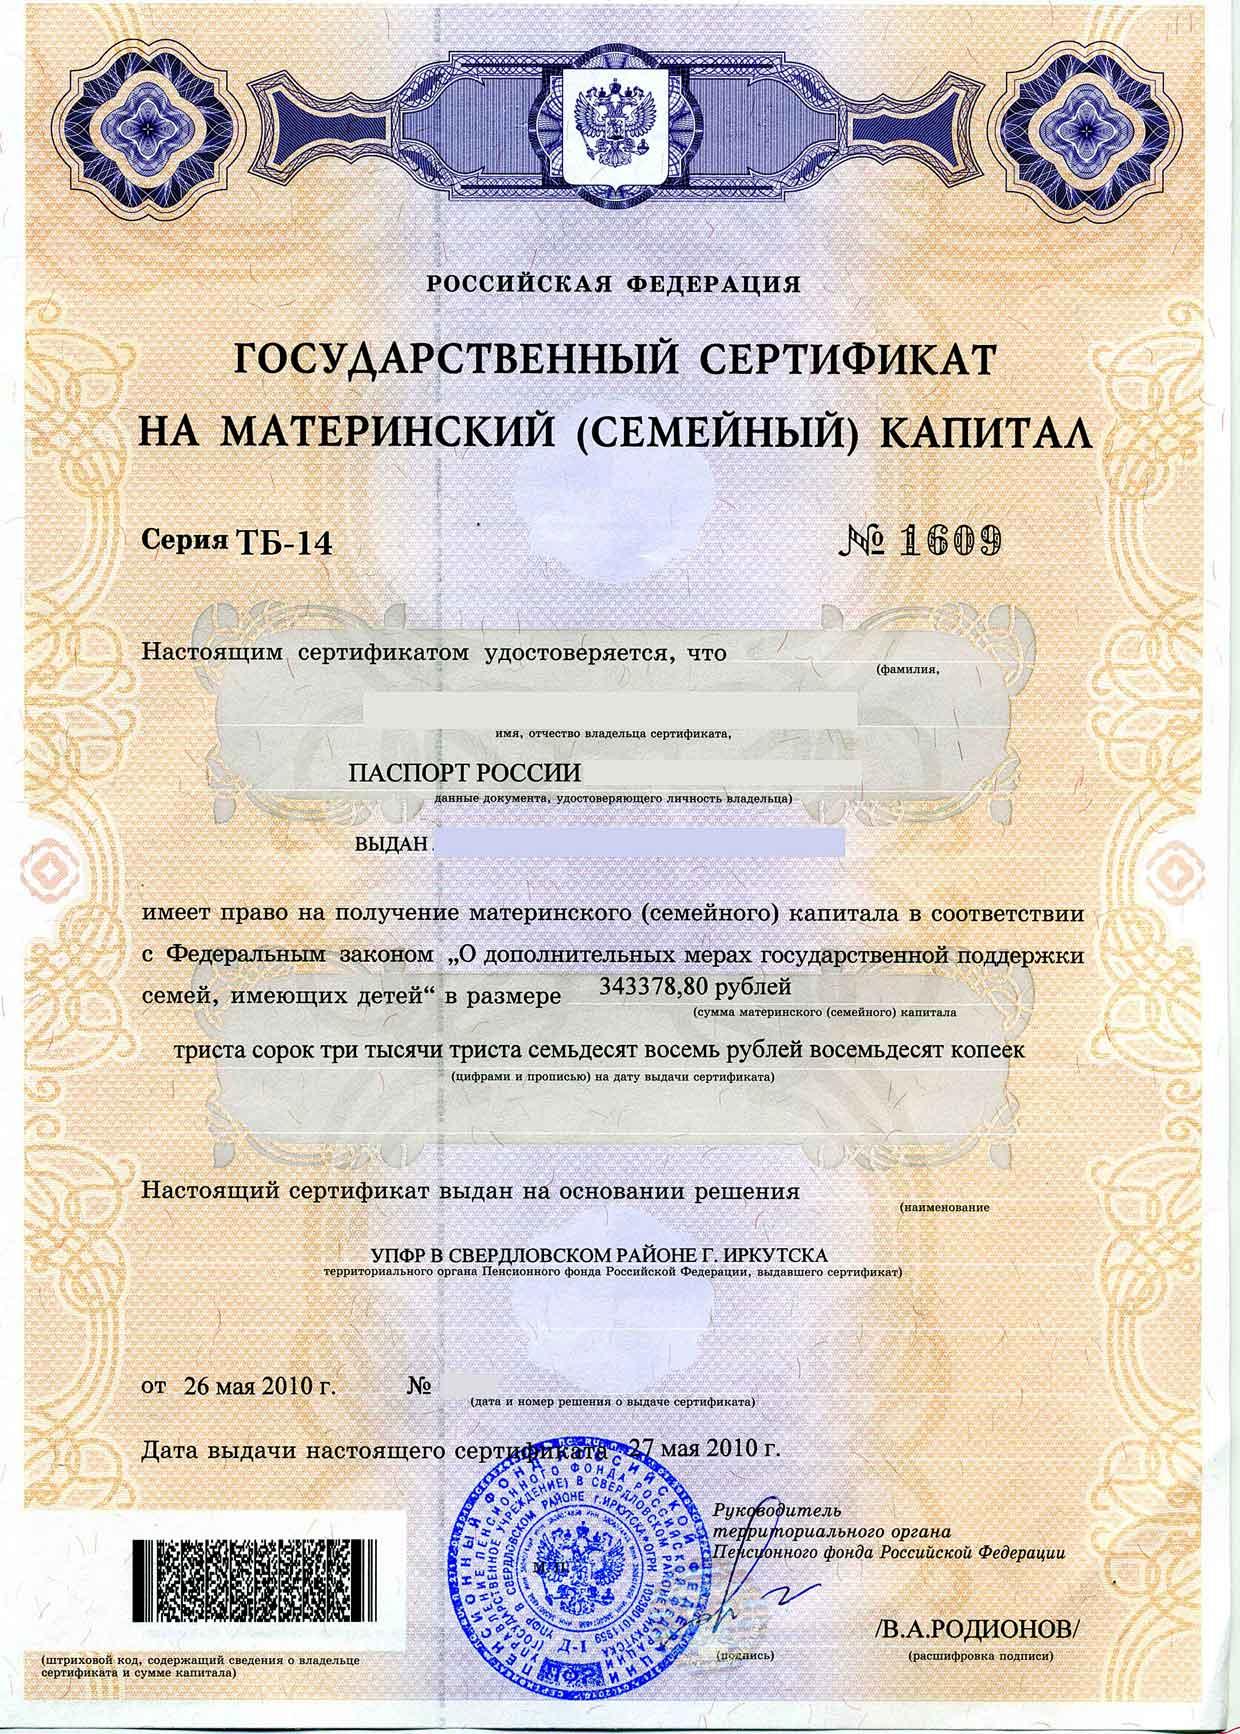 Как узнать готов ли сертификат на материнский капитал по интернету